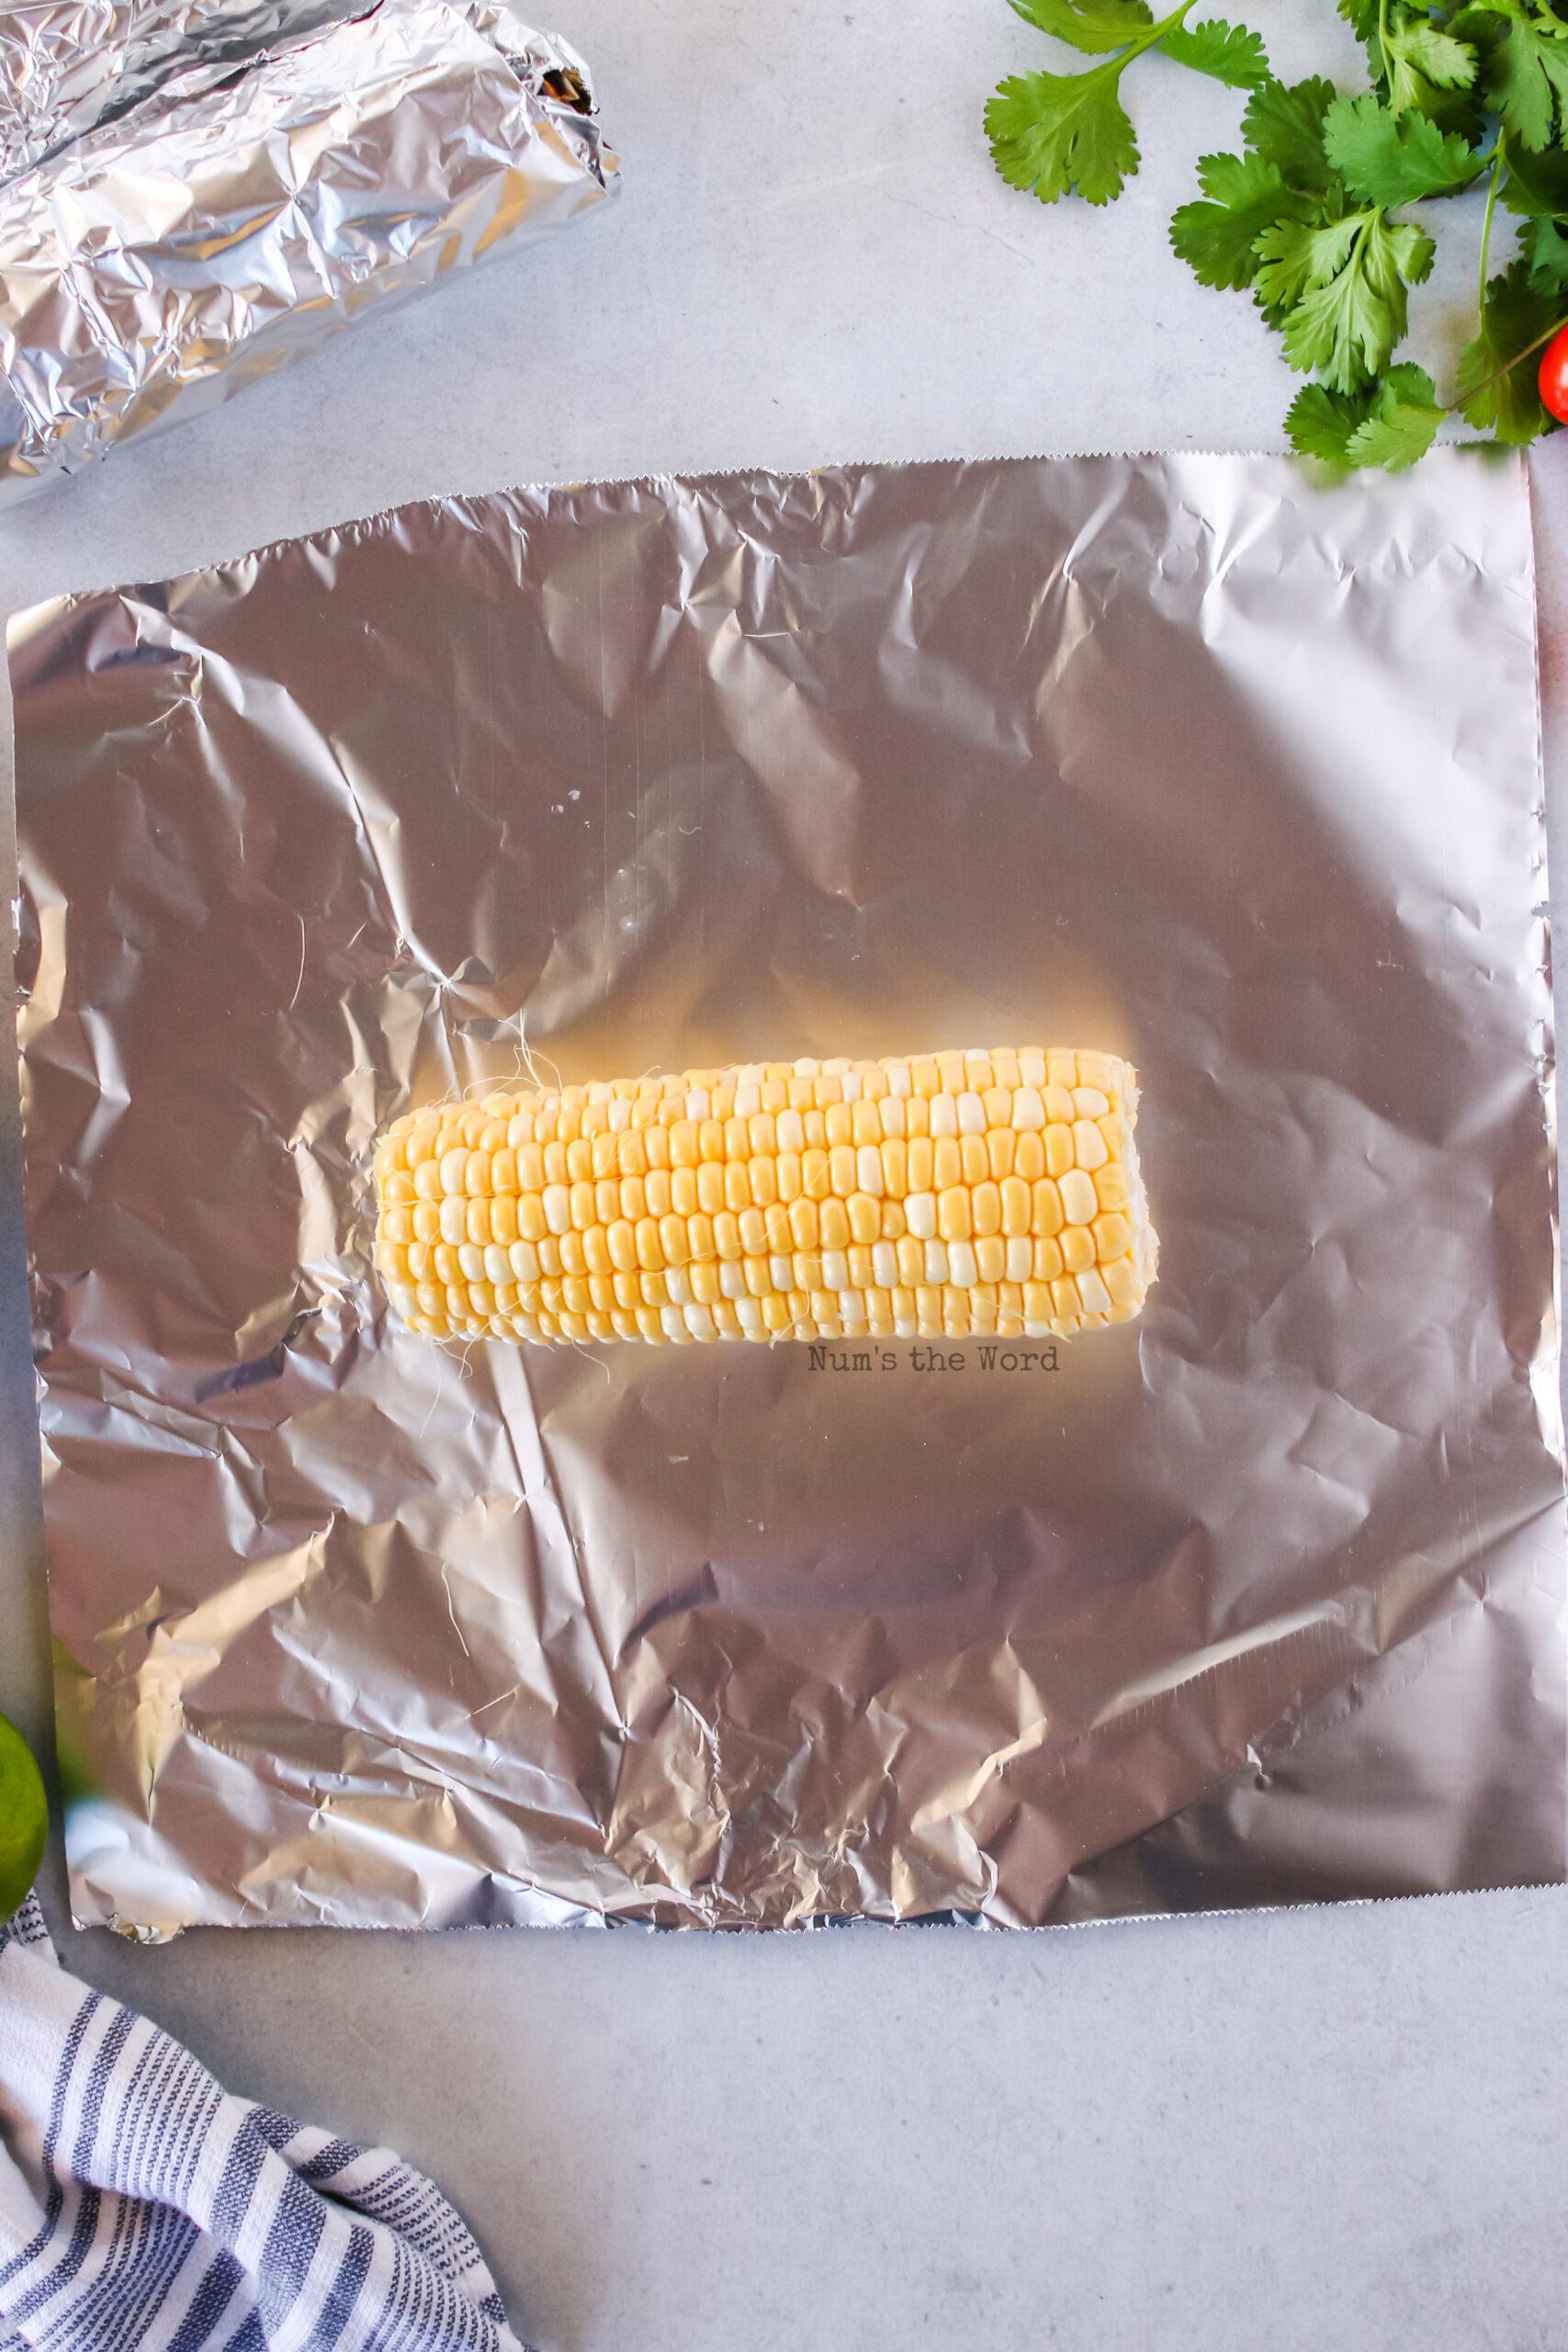 corn cob on top of a piece of foil